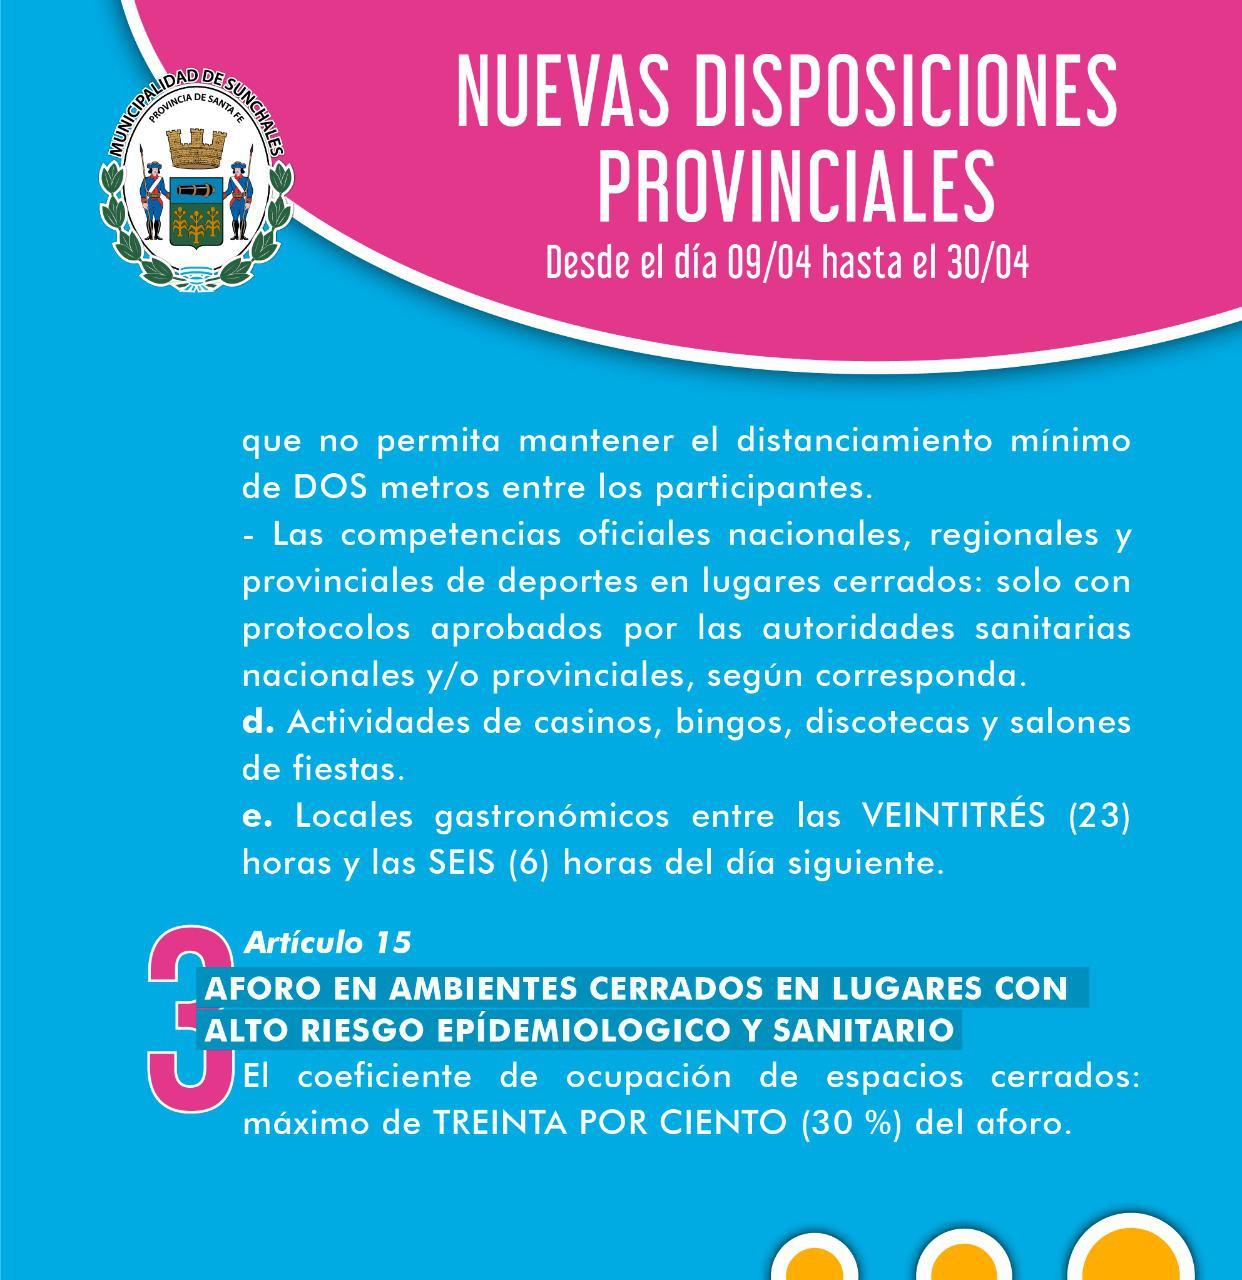 Nuevas disposiciones 4-21 2